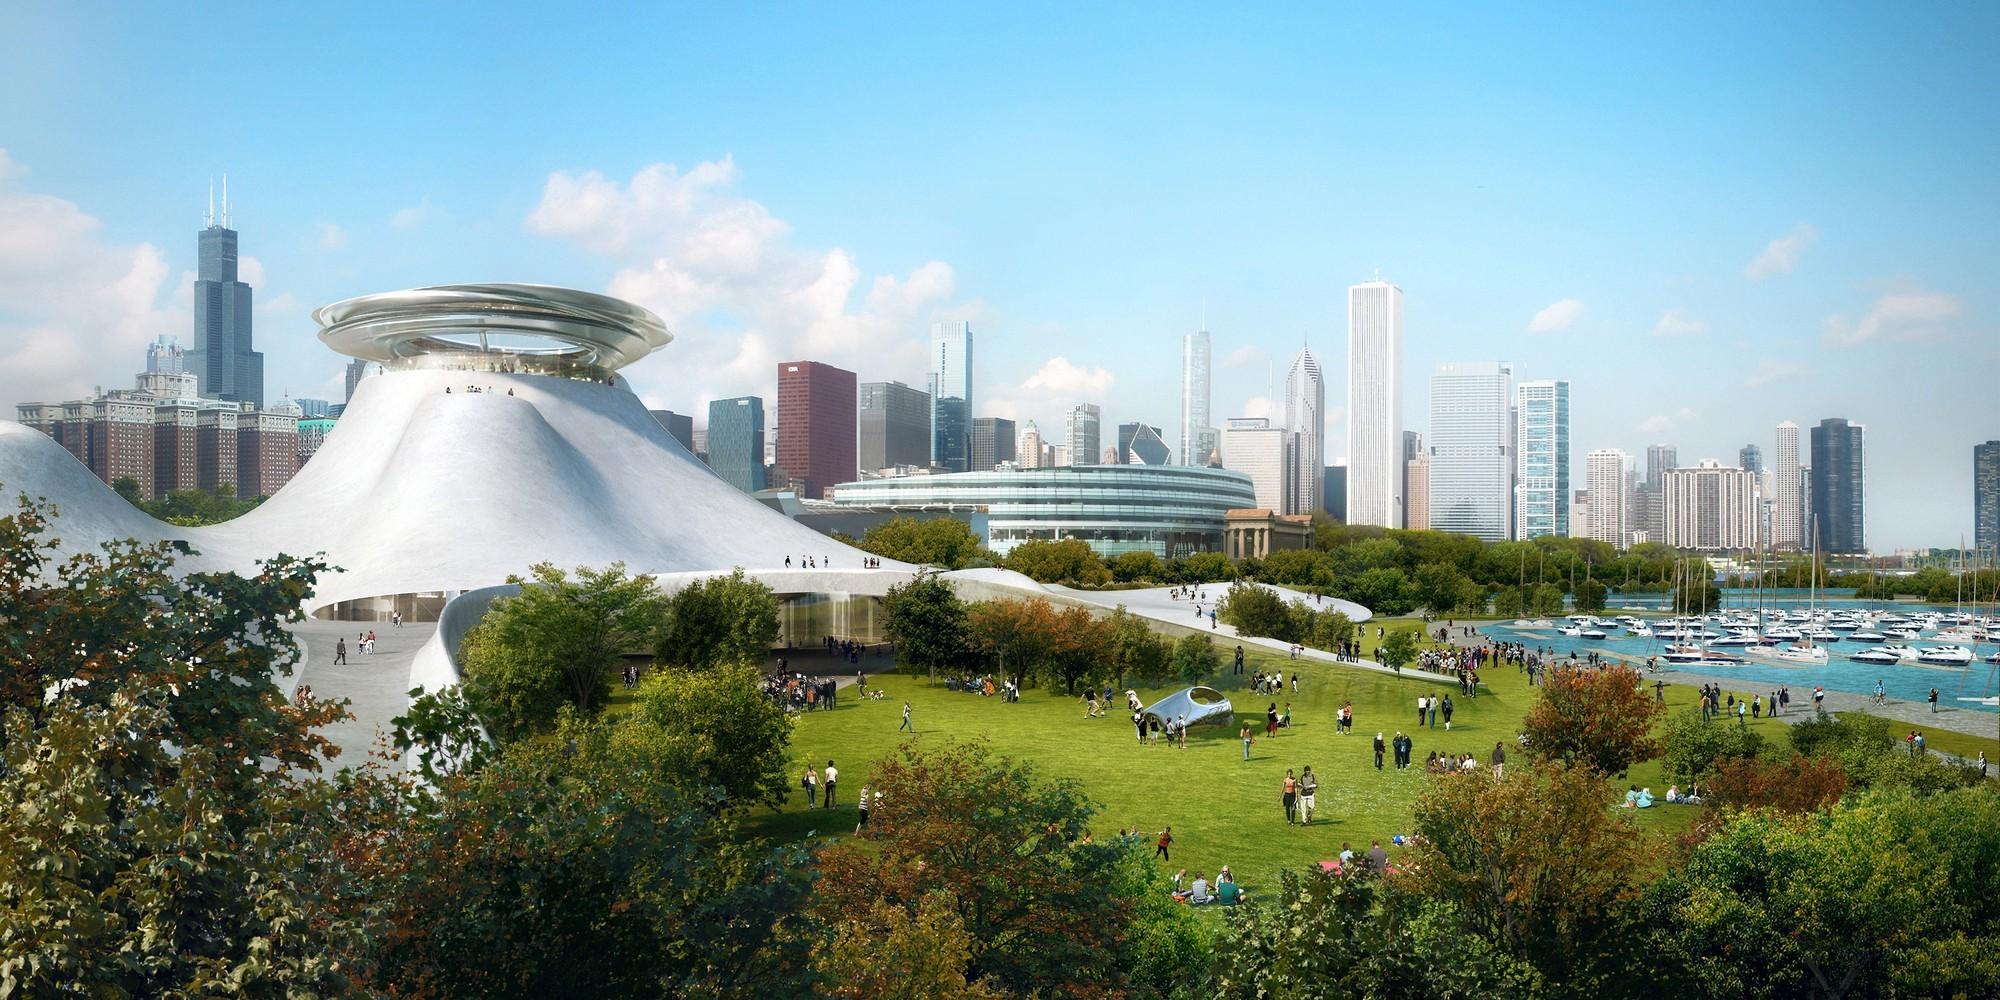 George Lucas podría reconsiderar Los Ángeles como posible hogar para su propio museo, Cortesía de Lucas Museum of Narrative Arts